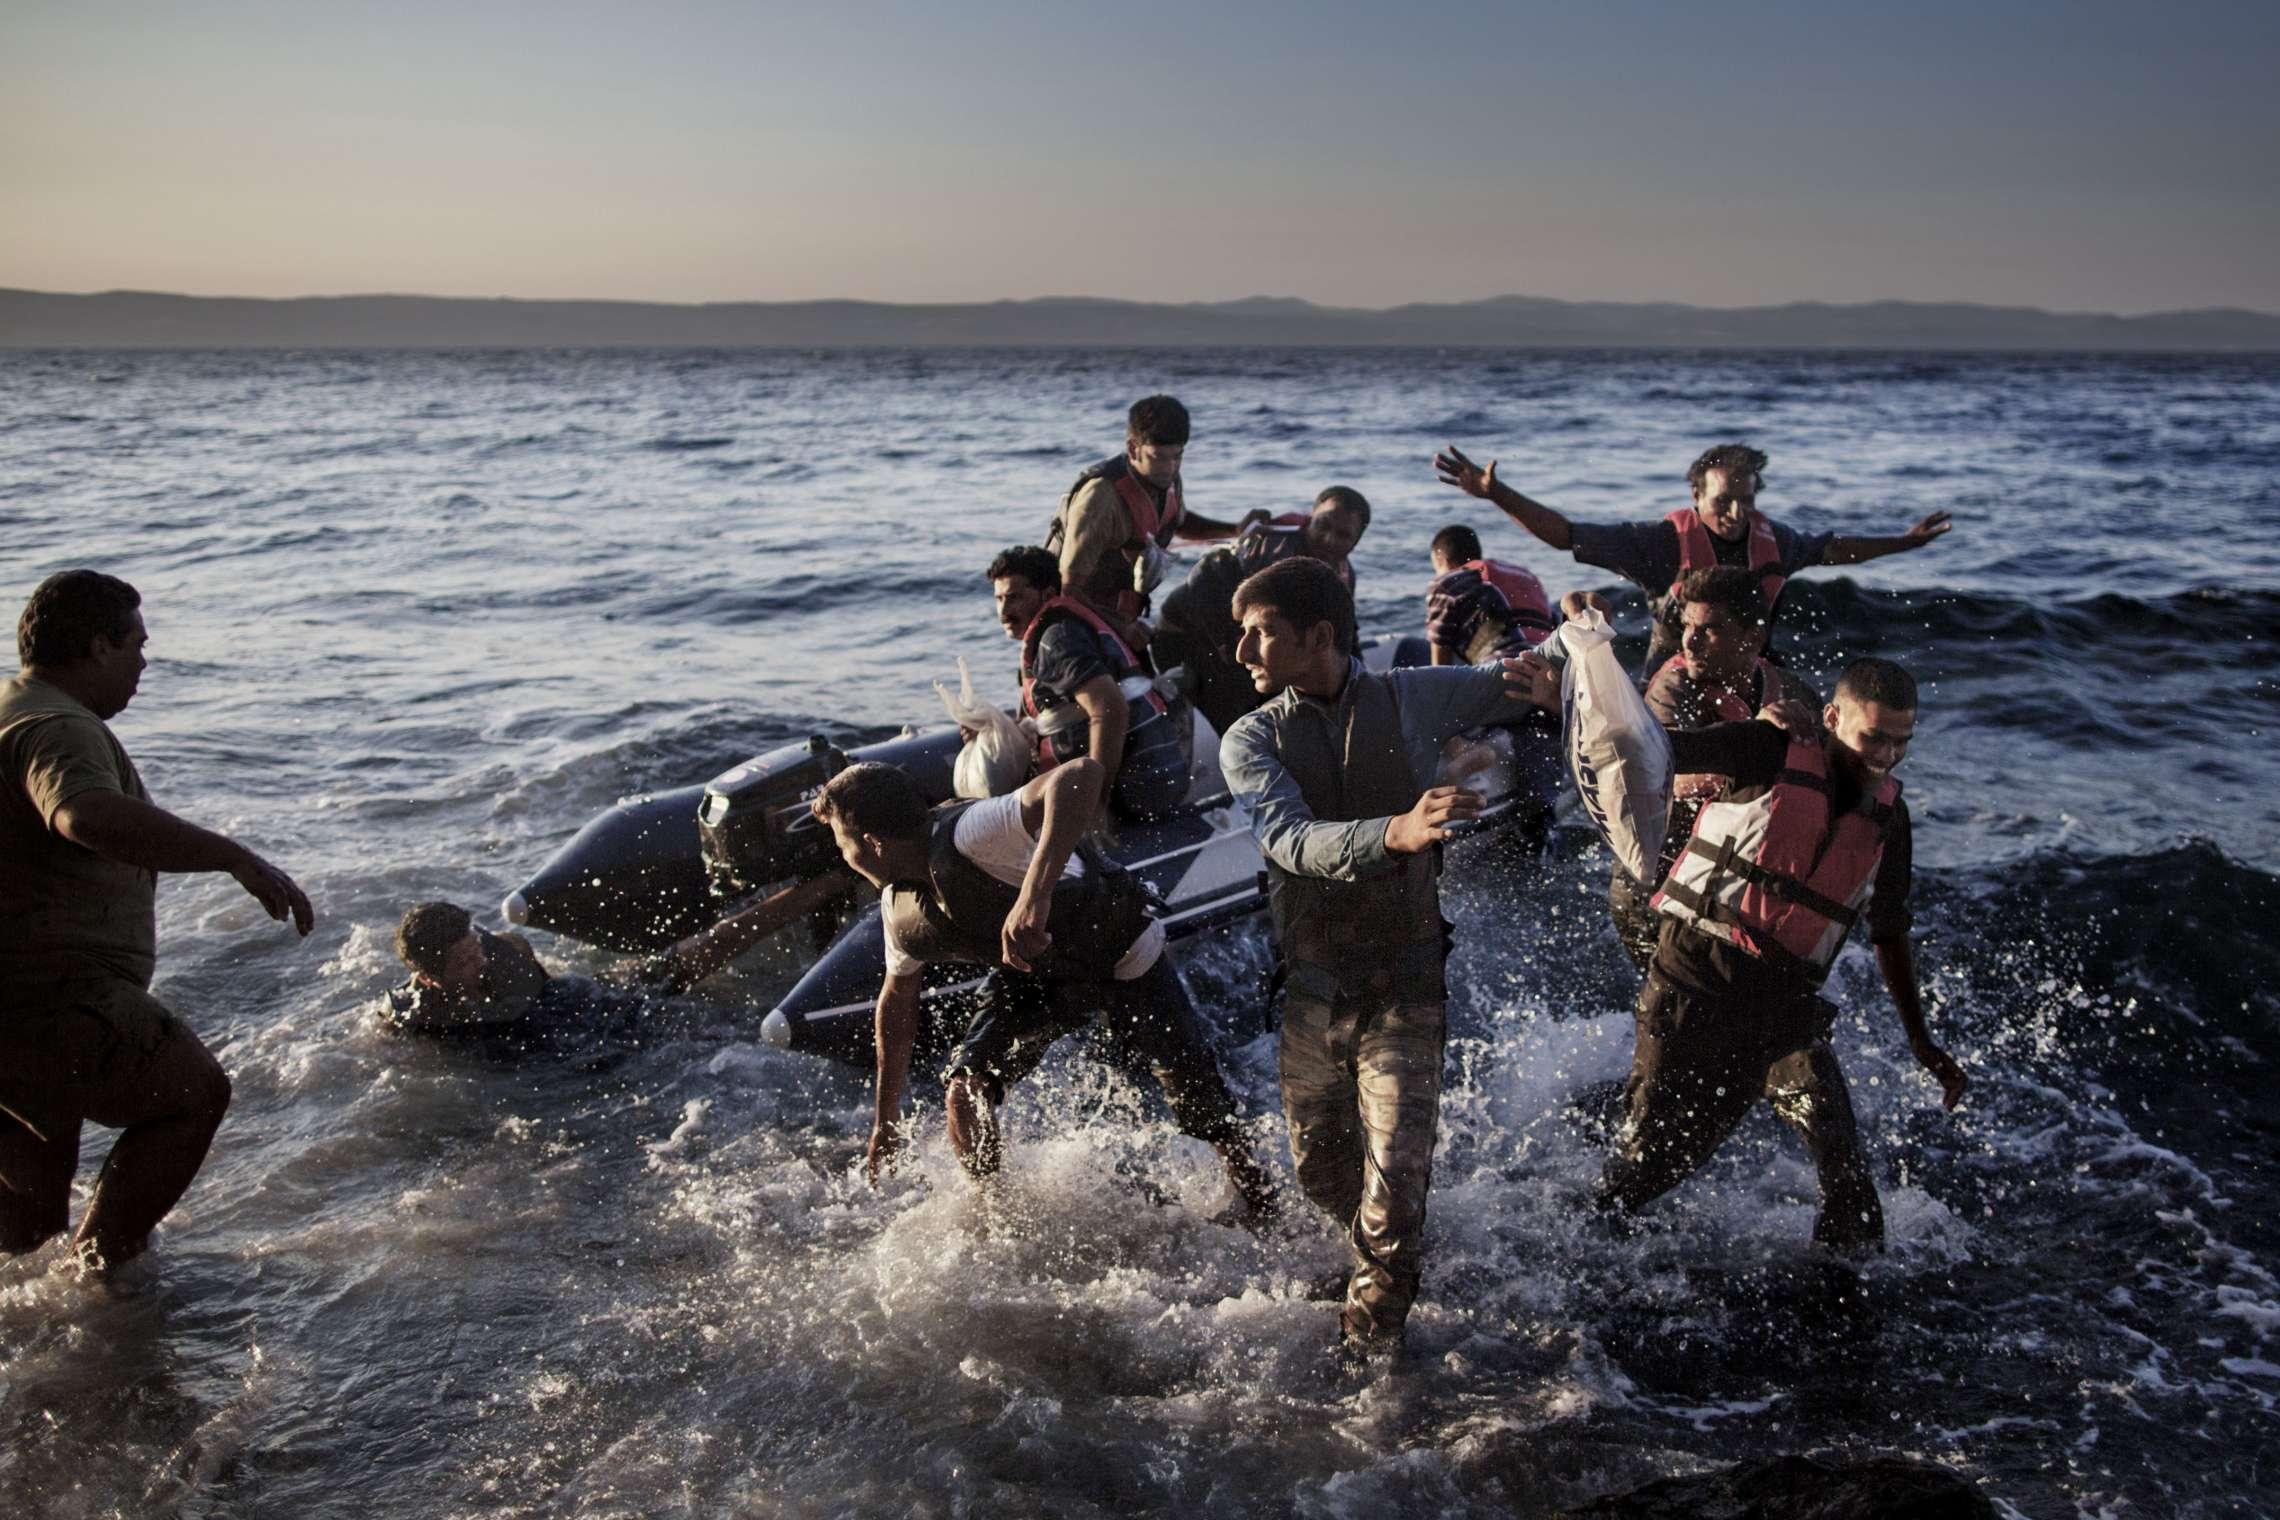 00619 08. Dokumentar utland 21.07.2015 03/10 Flukten til Europa Flyktninger hopper ut av gummibåten i det de ankommer den greske øya Lesbos. Hver dag ankom rundt 2.000 mennesker på flukt den greske ferieøya, noe som gjorde at mottakssystemet kollapset. Reisen fra Tyrkia tar en time og hver person betaler rundt 7.000 kroner for overfarten. Etter at de kommer til land, kutter de hull i gummibåtene i frykt for å bli sendt tilbake. Over en million flyktninger har kommet til Europa i 2015 via sjøveien, en stor andel av dem syrere som rømmer fra den brutale borgerkrigen i deres hjemland. De aller fleste av dem har fulgt ruten gjennom Tyrkia, Hellas, Balkan til nord-Europa. Tusener har omkommet i overfylte båter på Middelhavet, desperate flyktninger har levd i overfylte leire, europeiske myndigheter har stått overfor den største flyktningkrisen på kontinentet siden 2. verdenskrig. Krisen har skapt splittelse i EU, grensegjerder har blitt bygget, men mest av alt har den bragt de globale utfordringene inn på vår dørstokk. Jeg fulgte i flyktningene fotspor, fra grensen mellom Syria og Tyrkia, til Hellas, Makedonia, Serbia, Kroatia, Slovenia til Tyskland.